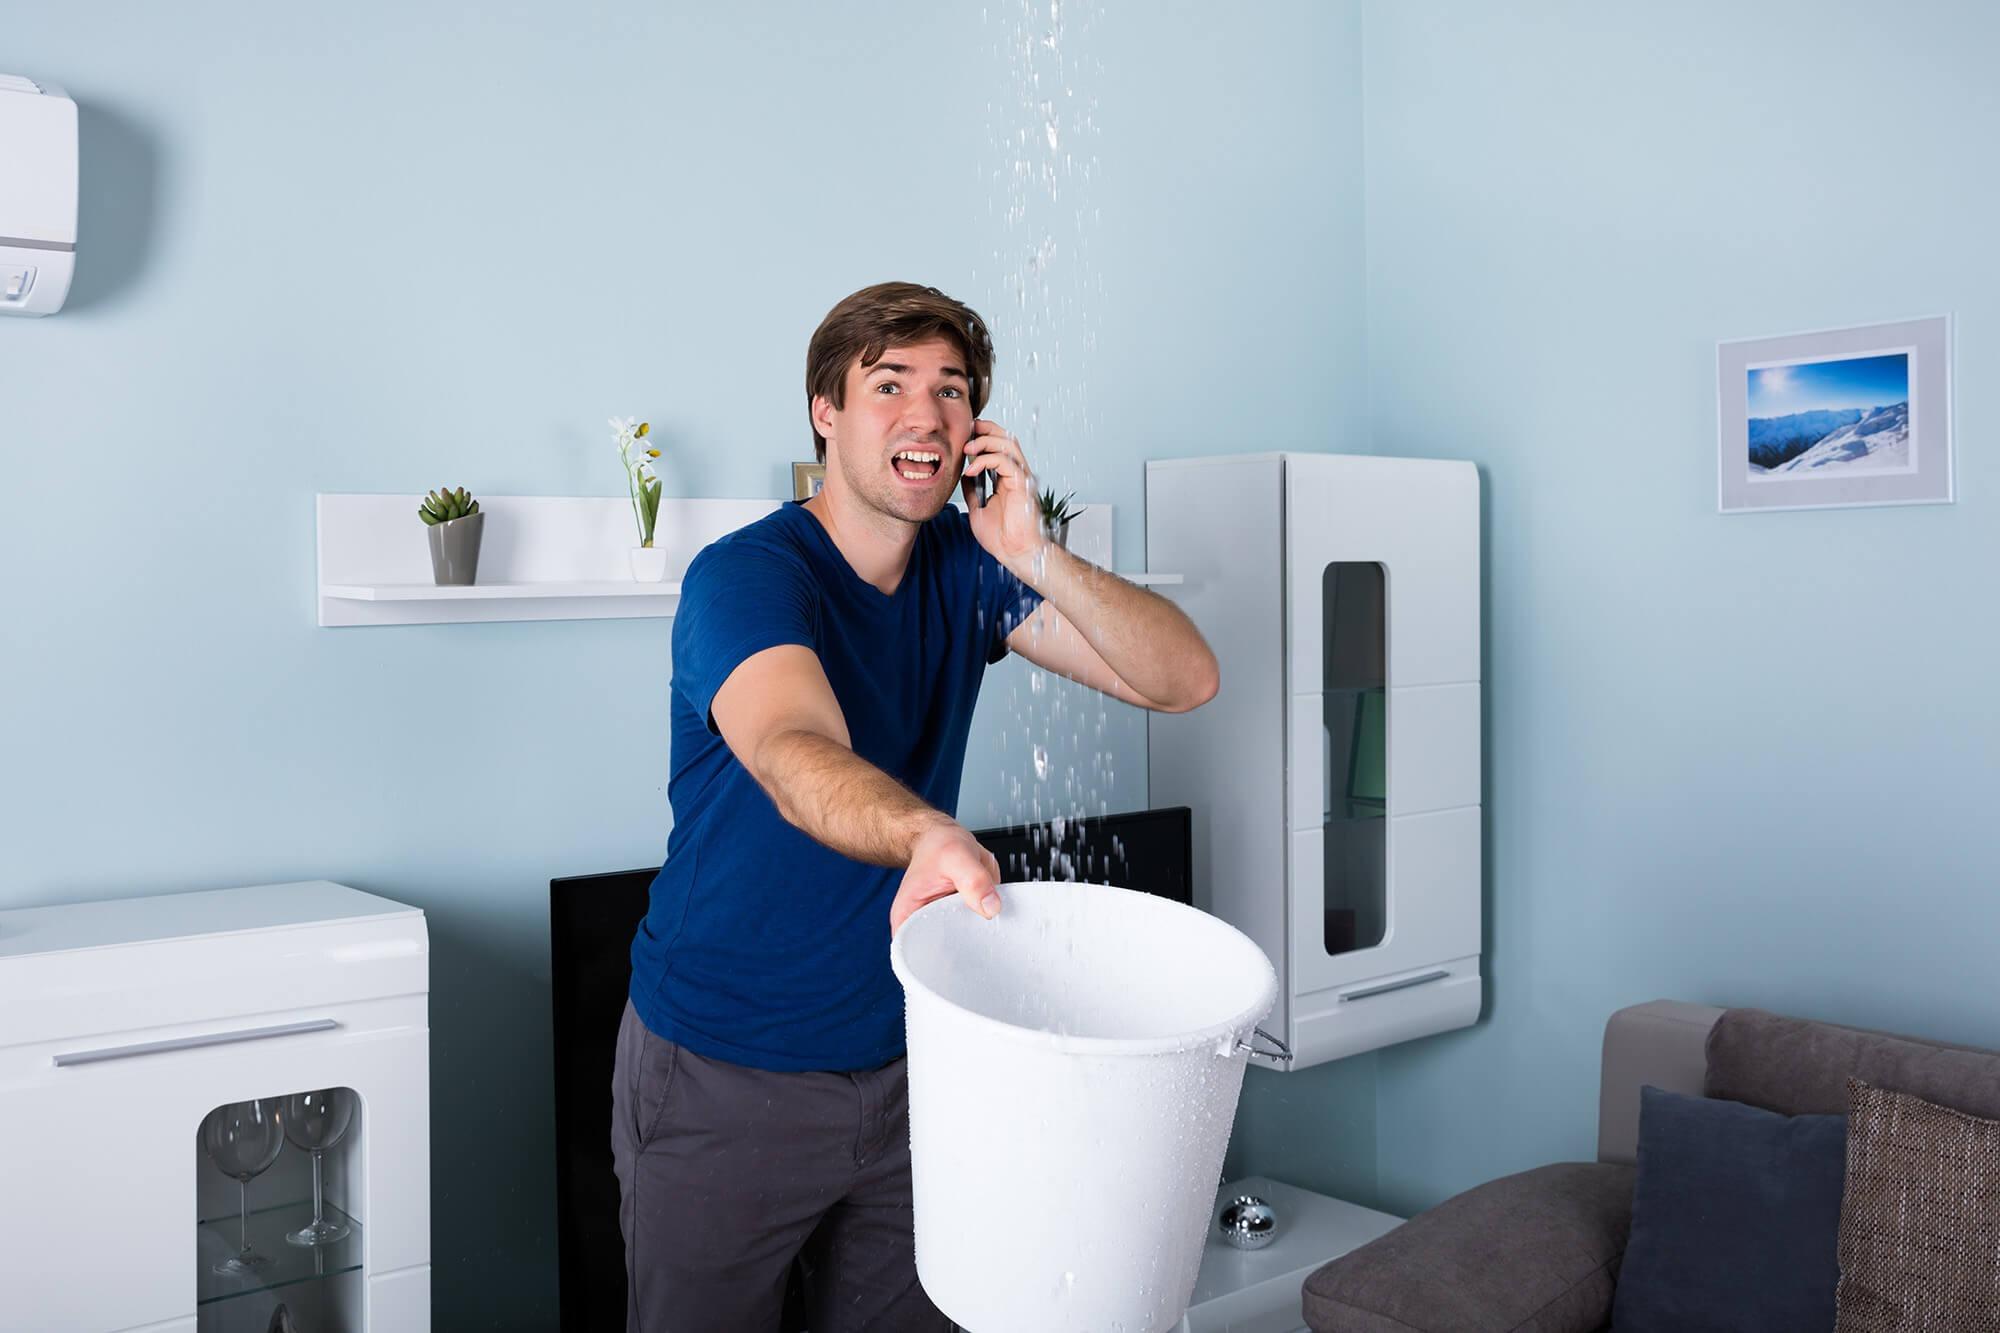 Затопили соседи. Как правильно убрать?